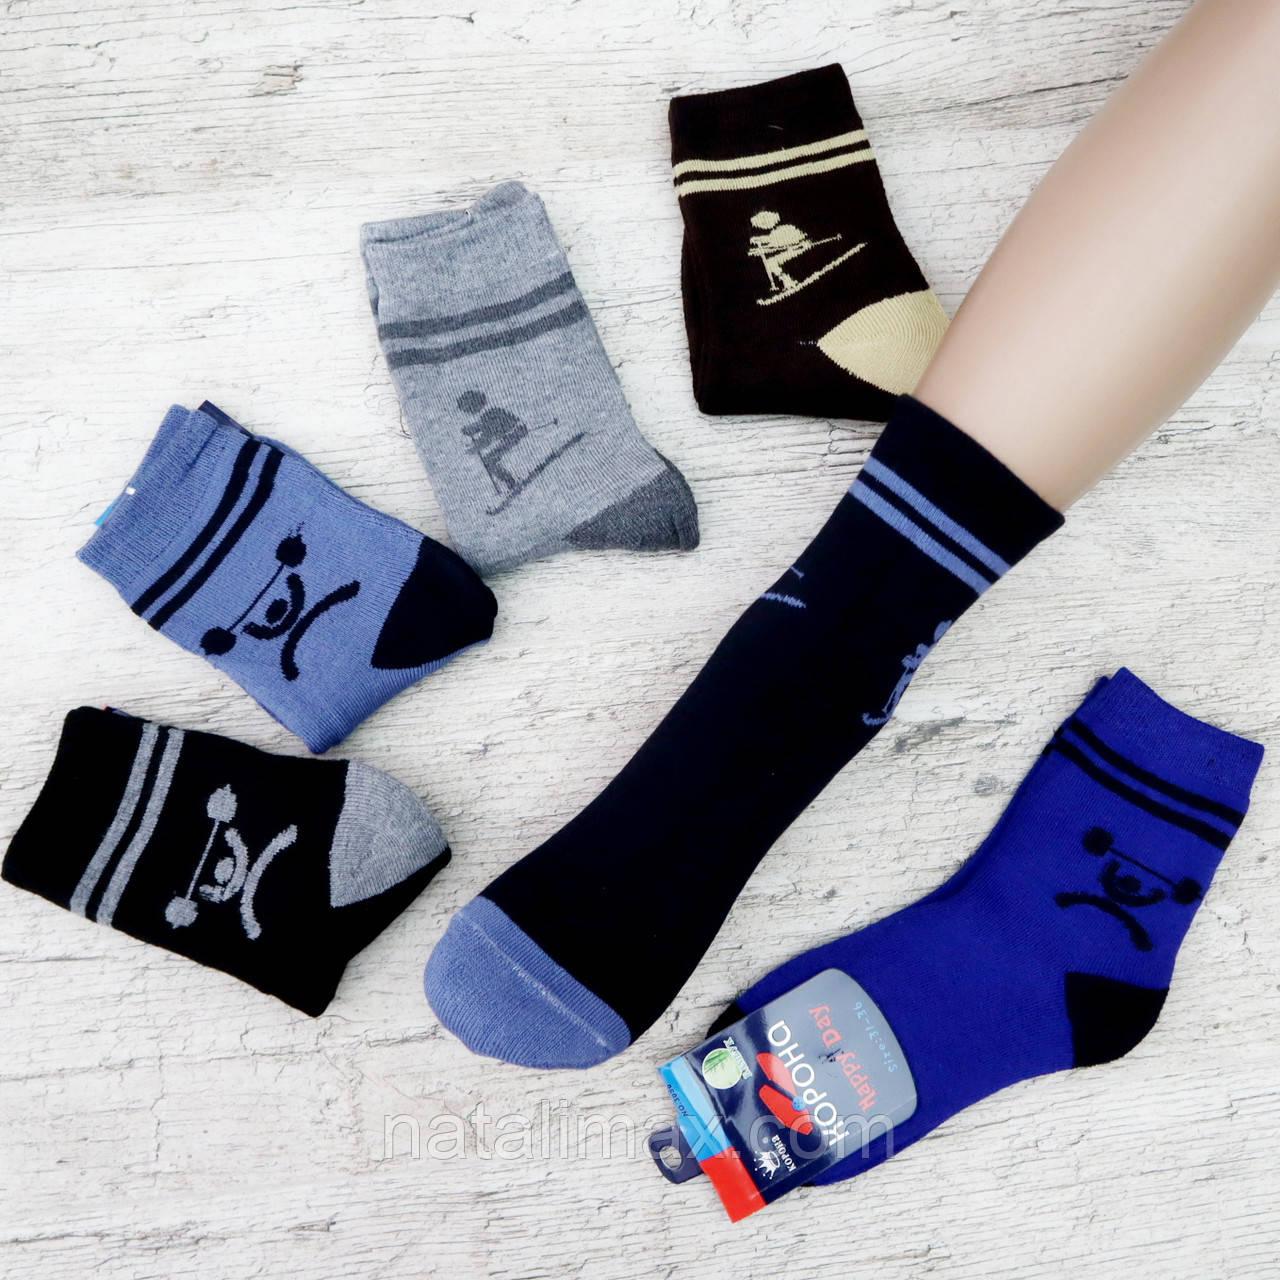 """Носки для мальчика, размер 31-36, """"Корона"""". БАМБУК+МАХРА -ТЕРМО.Носки для мальчика, носки детские"""